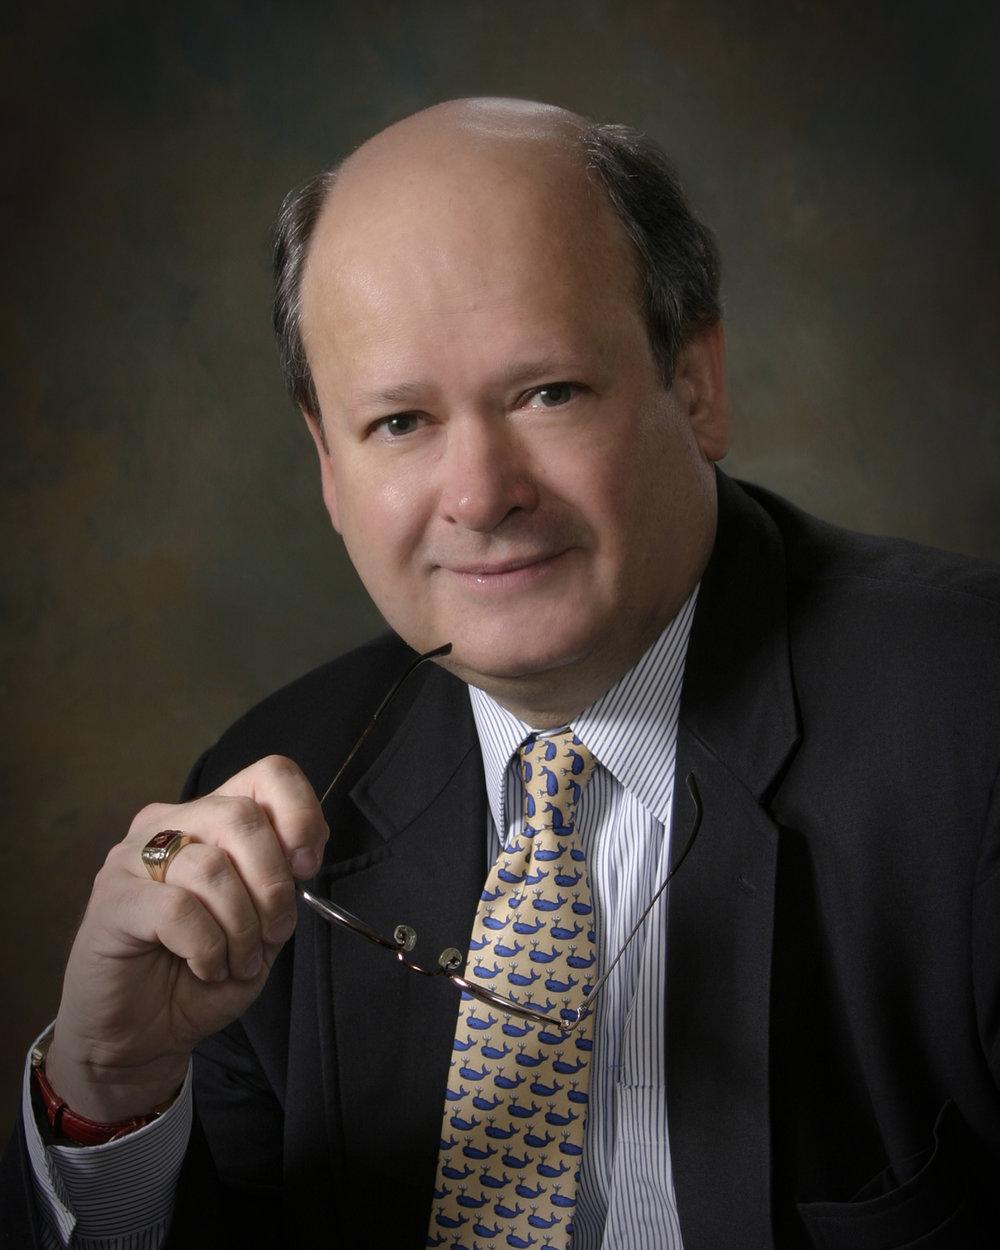 David J. Llewellyn